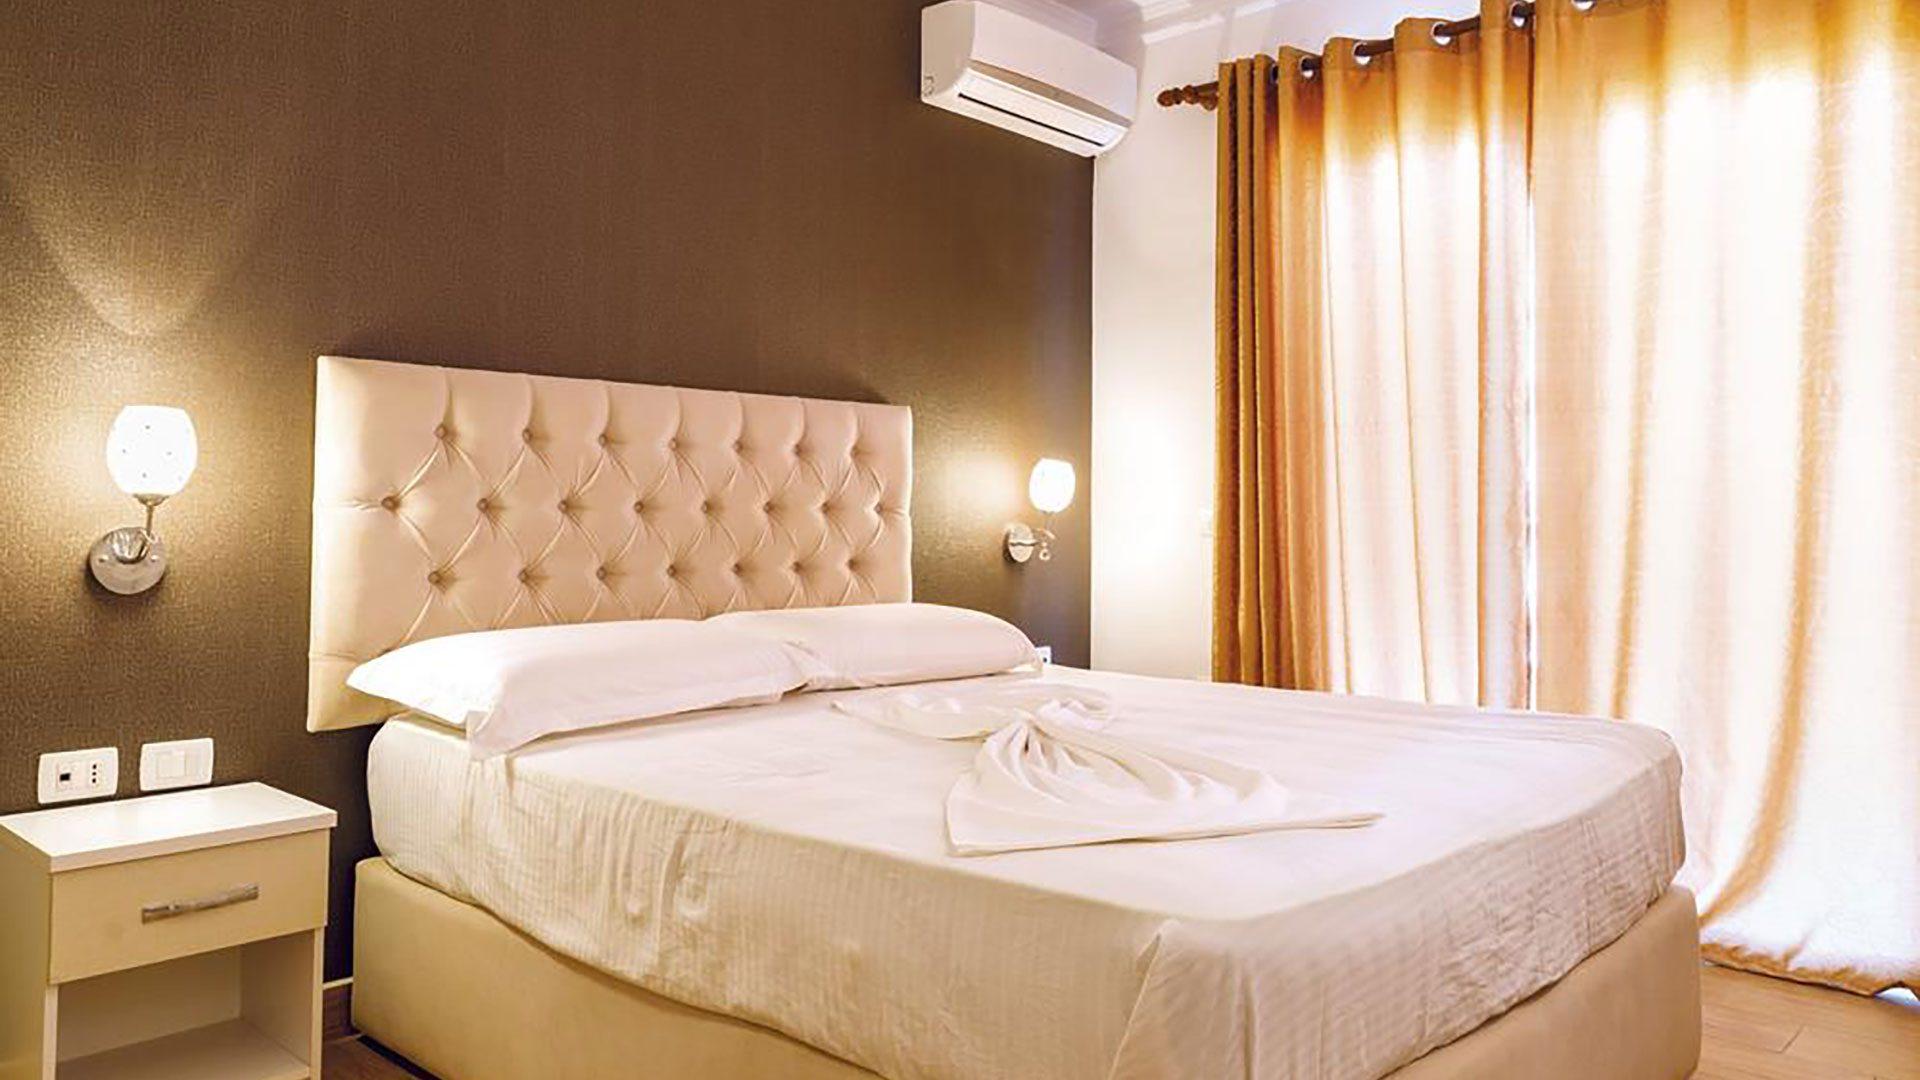 Letovanje Albanija autobusom, Drač, Hotel Mel Holiday, soba